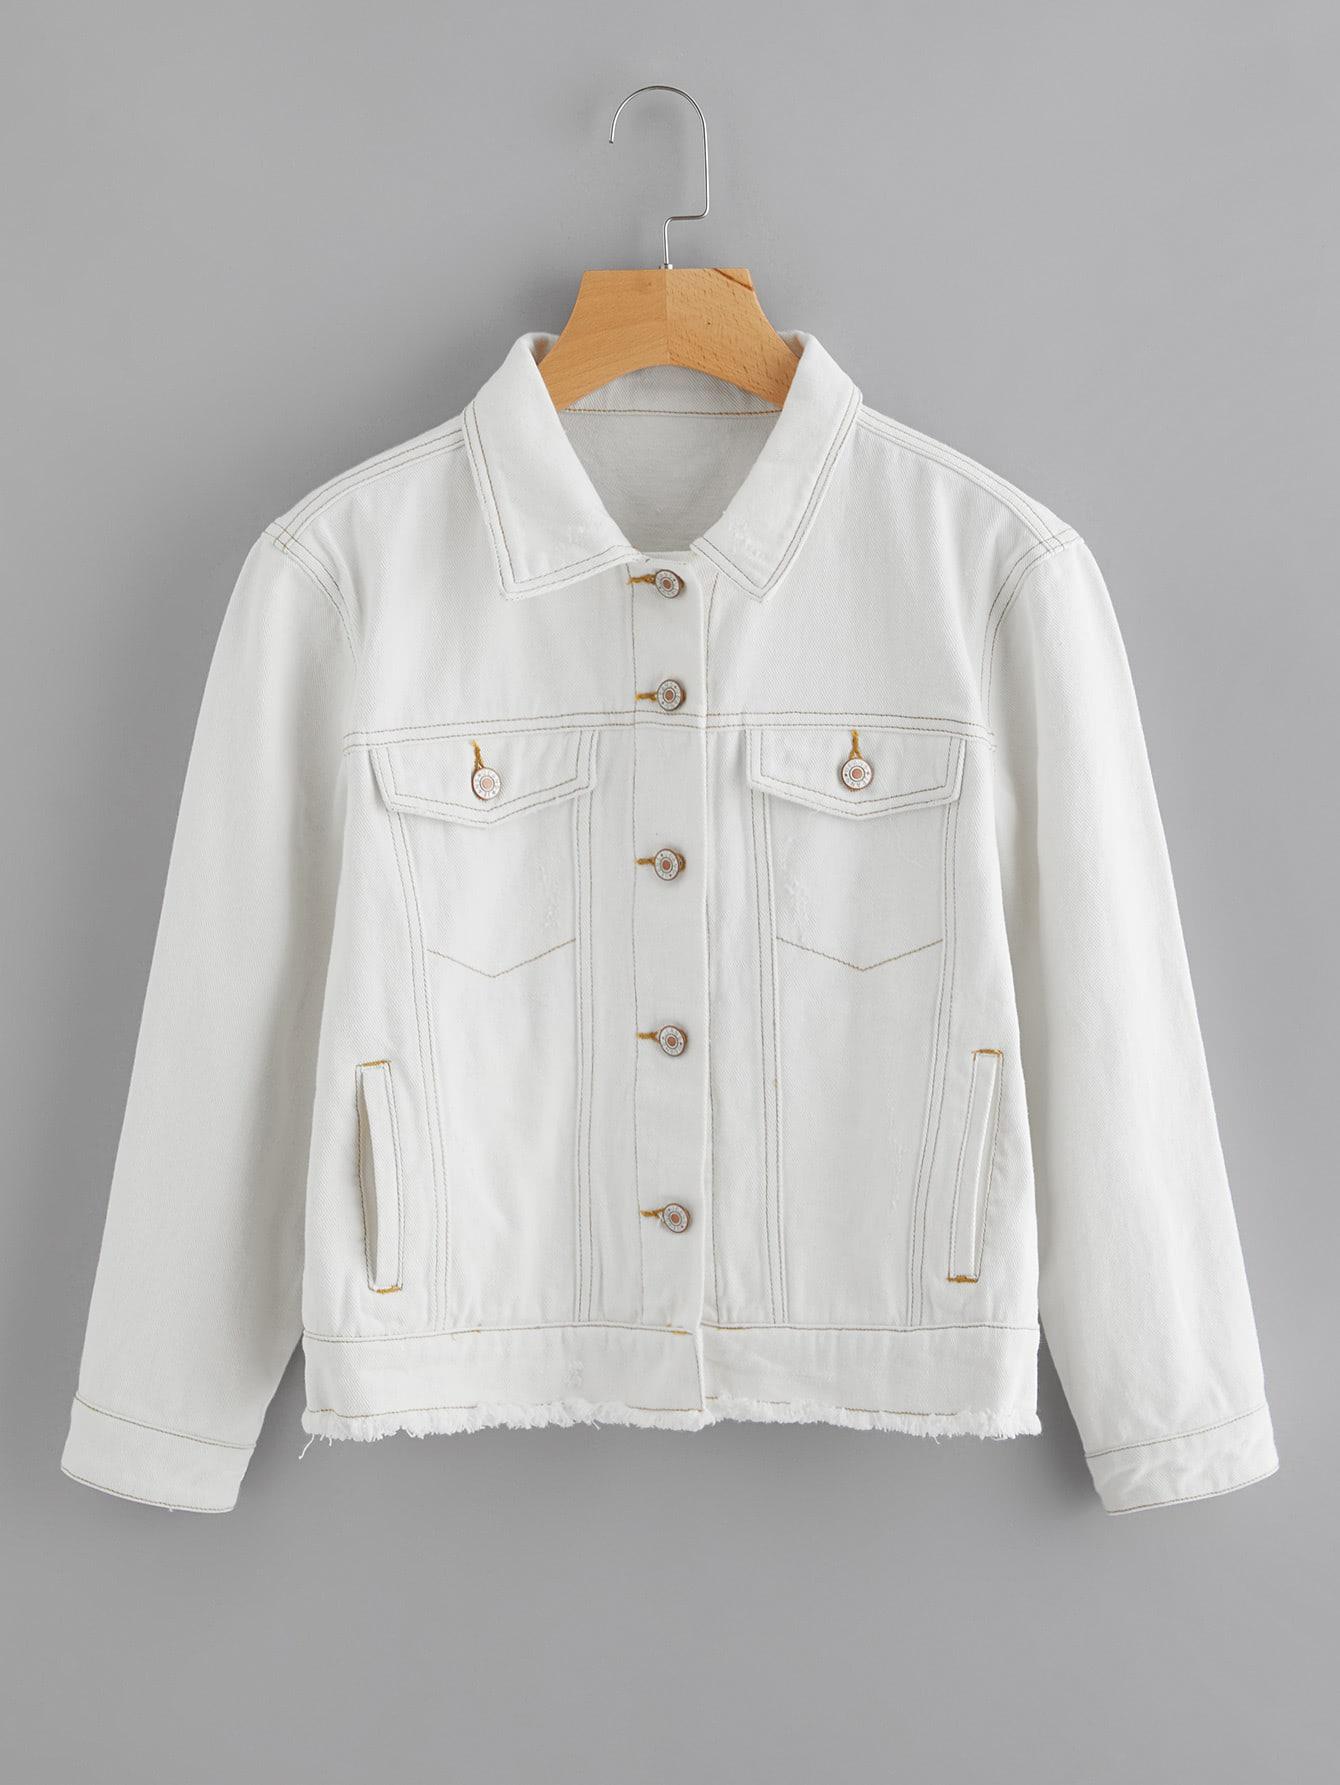 Image of Light Wash Topstitch Frayed Denim Jacket